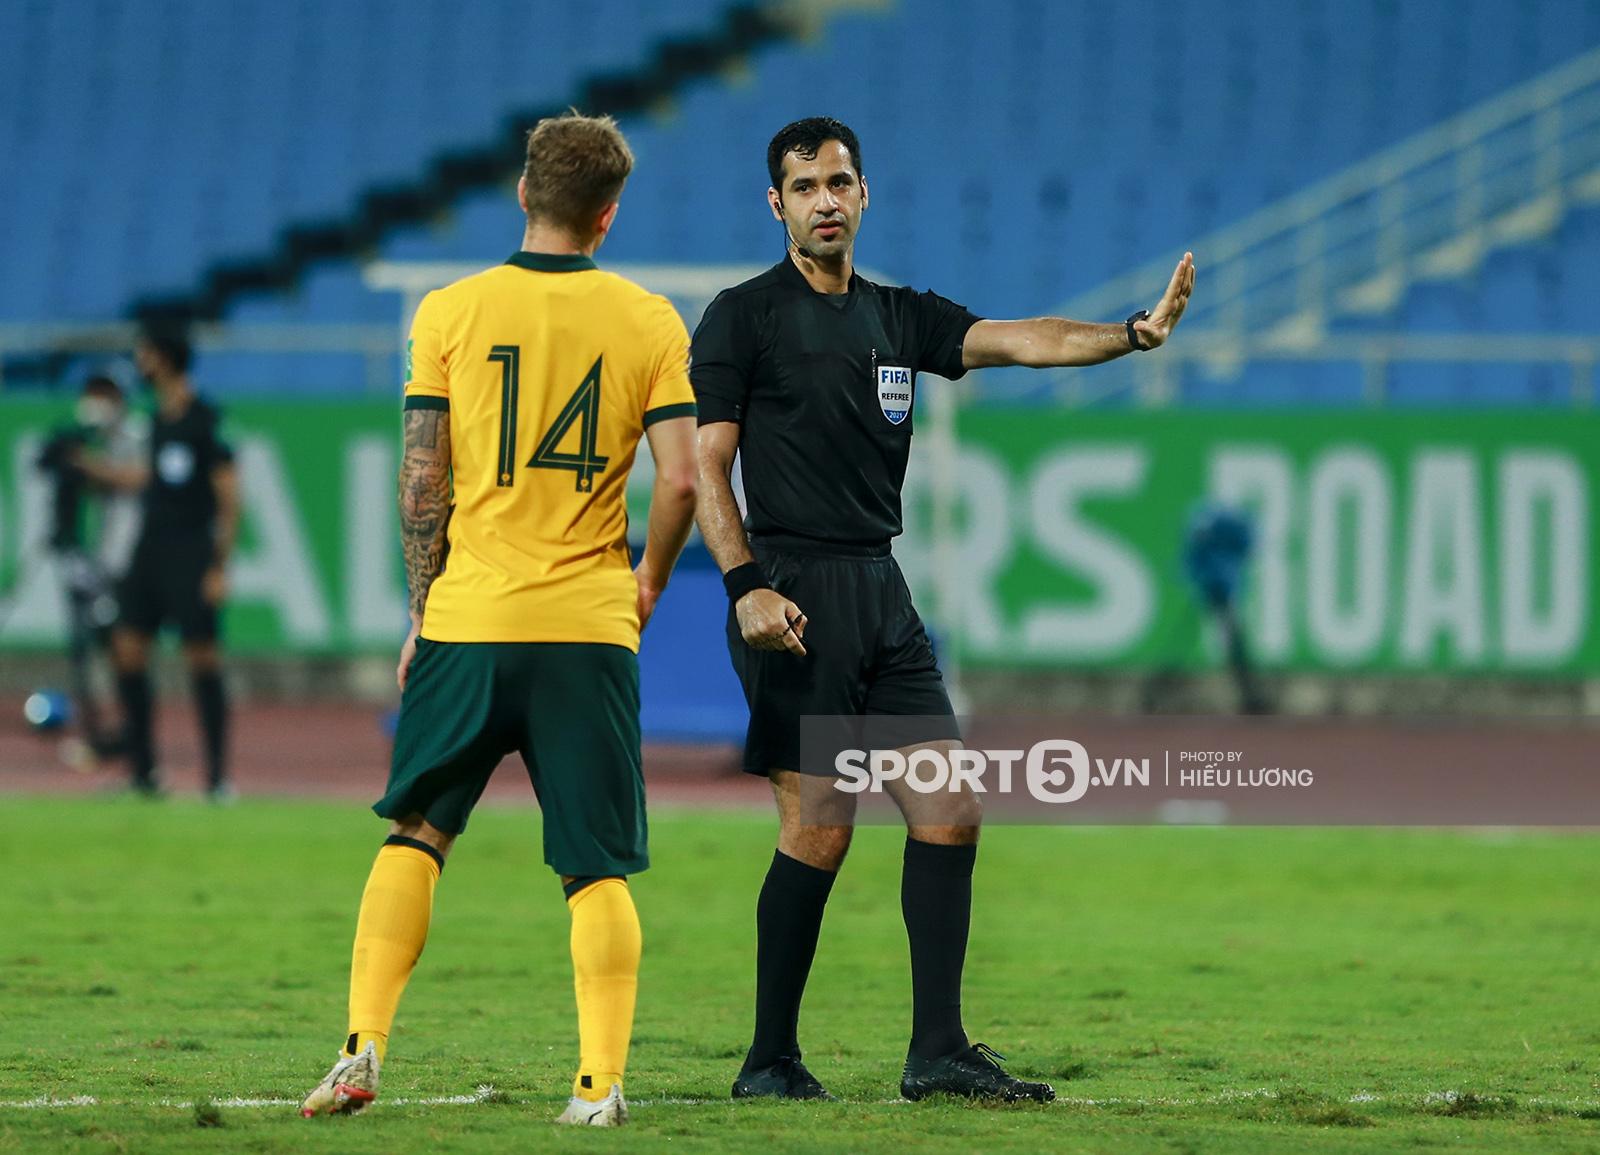 FIFA phản hồi thế nào khi tuyển Việt Nam khiếu nại về trọng tài trận gặp Australia? - Ảnh 1.